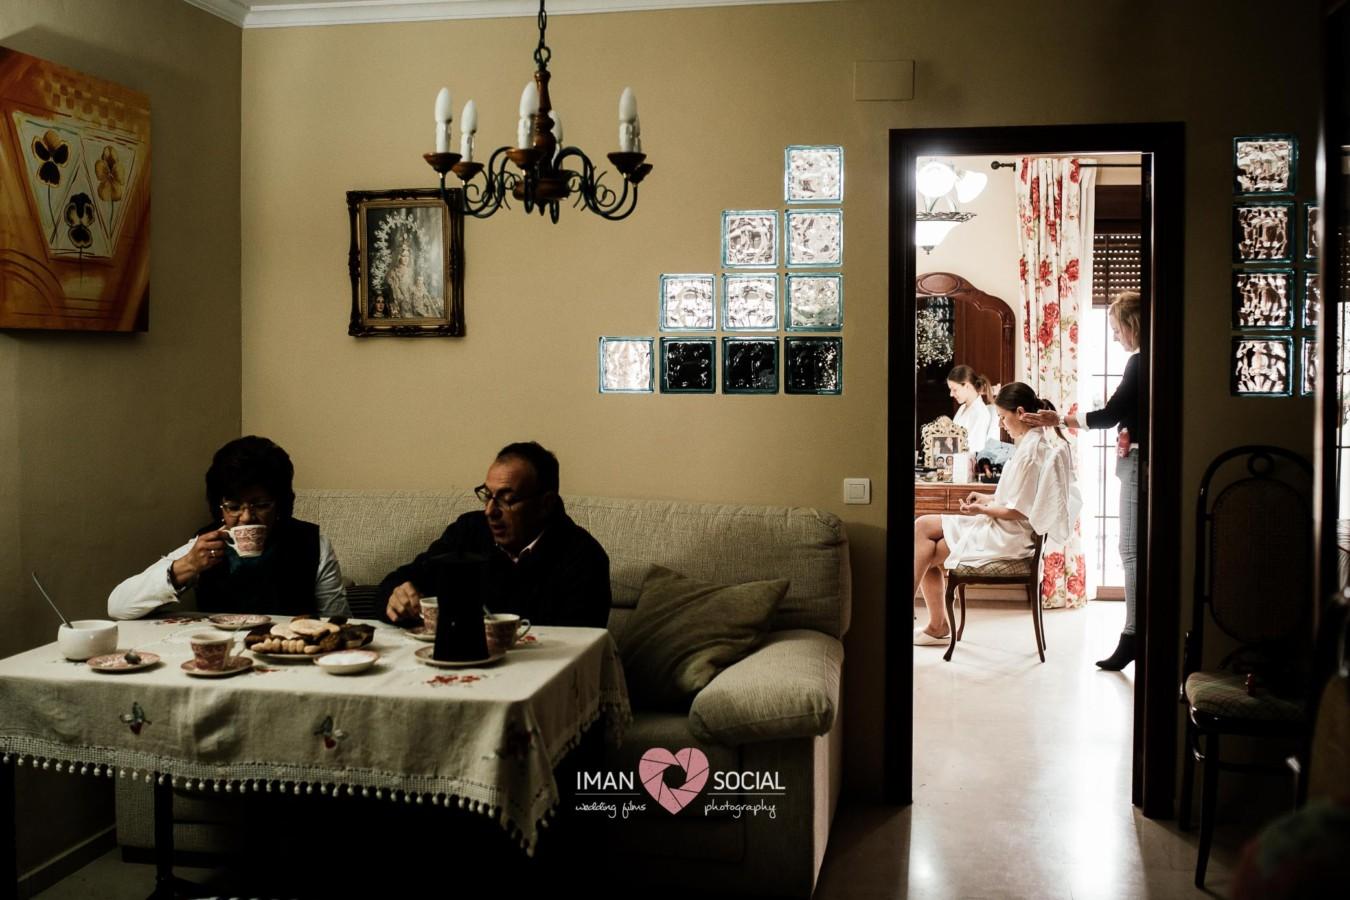 fotografo-de-boda-en-cordoba-sevilla-posadas-boda-auxi-y-antonio-14 Auxi & Antonio, primera boda de la temporada - video boda cordoba